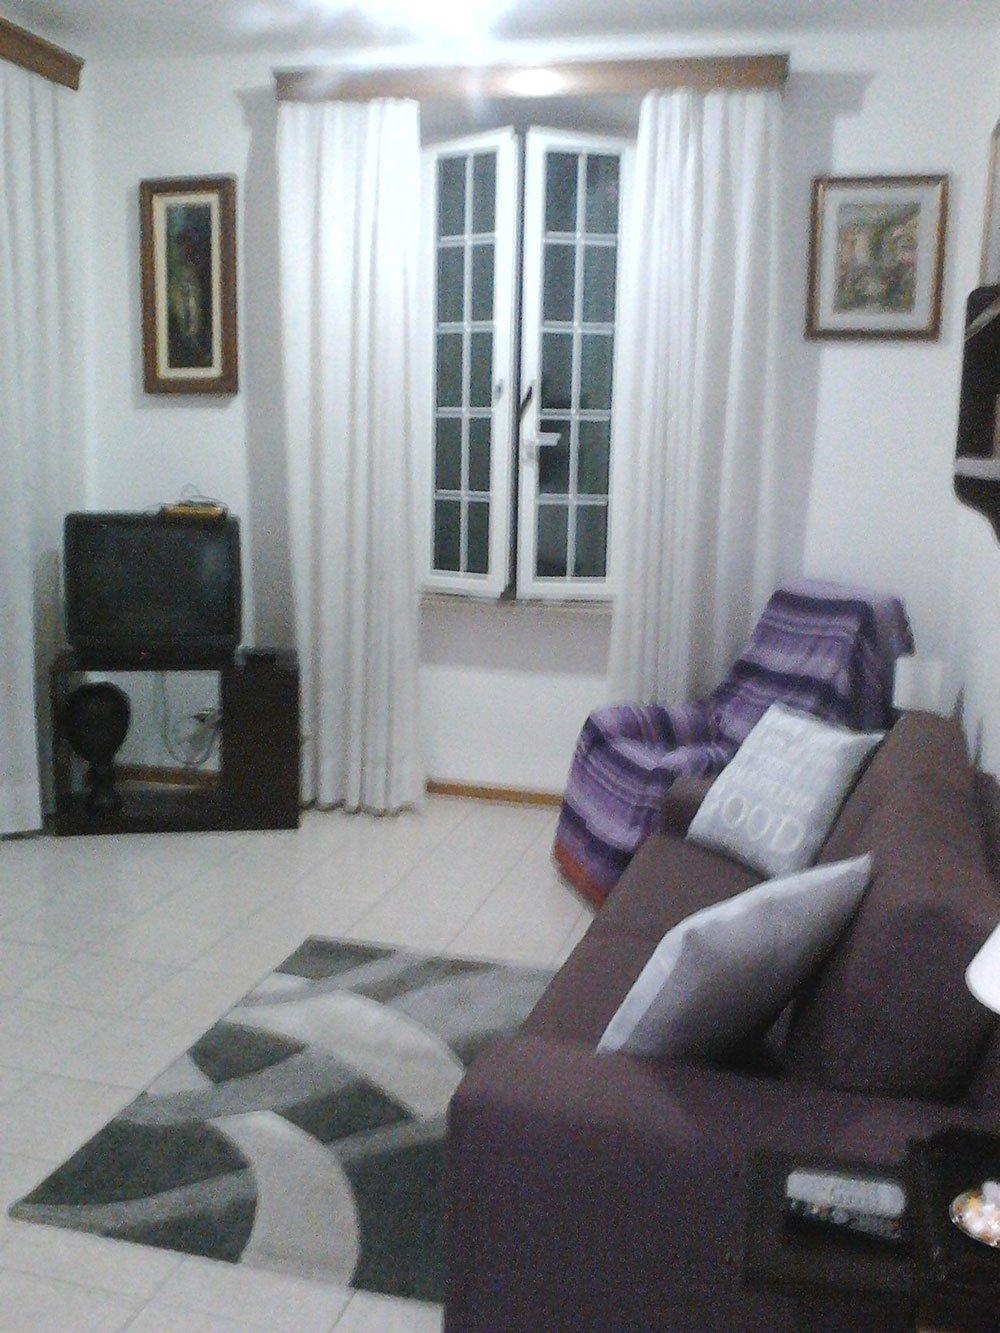 un salotto con un divano marrone con dei cuscini grigi, una poltrona con sopra una coperta viola e fucsia e di fronte un mobile marrone con sopra una tv